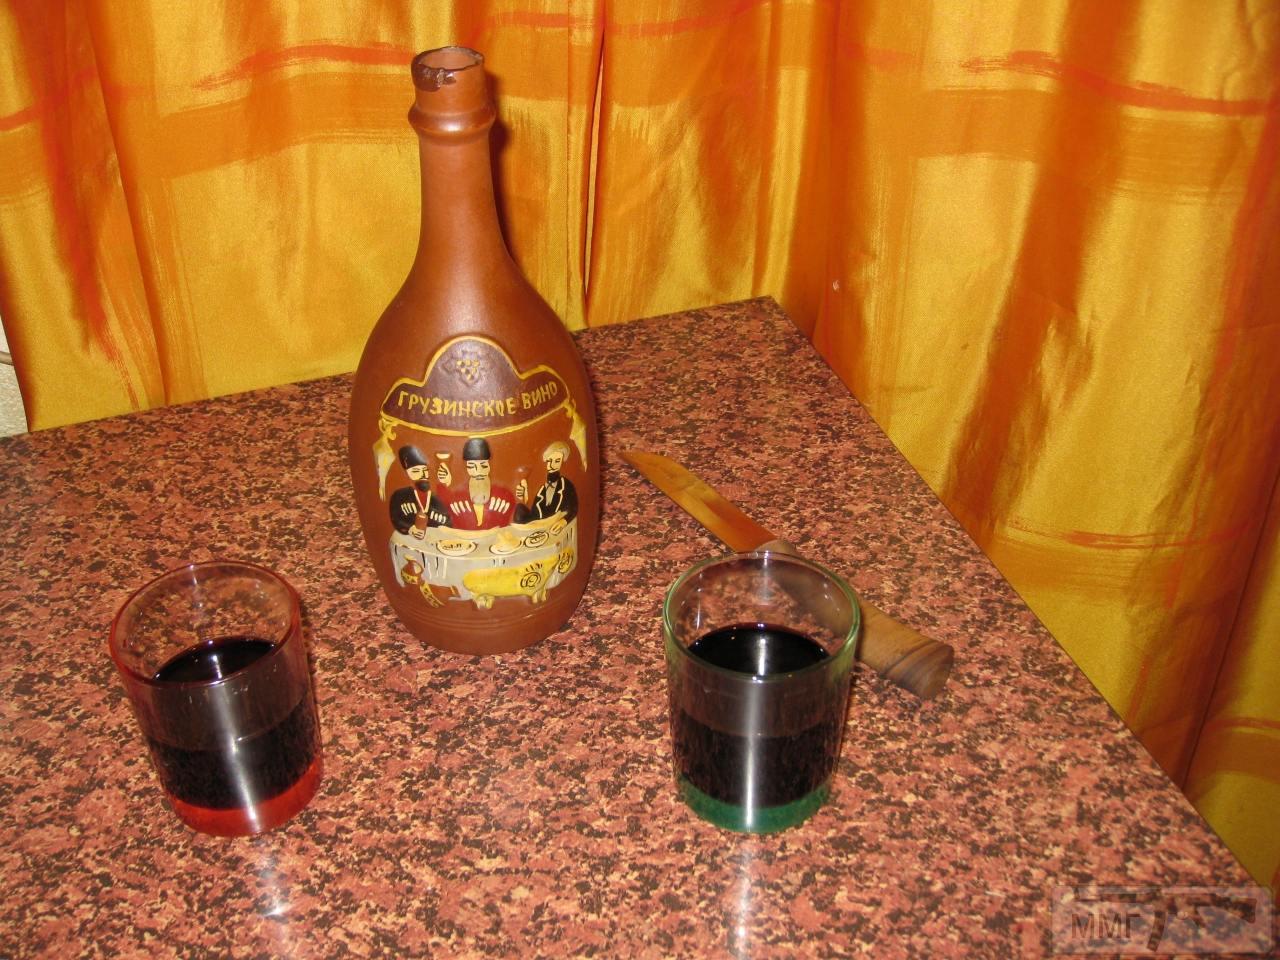 24611 - Пить или не пить? - пятничная алкогольная тема )))